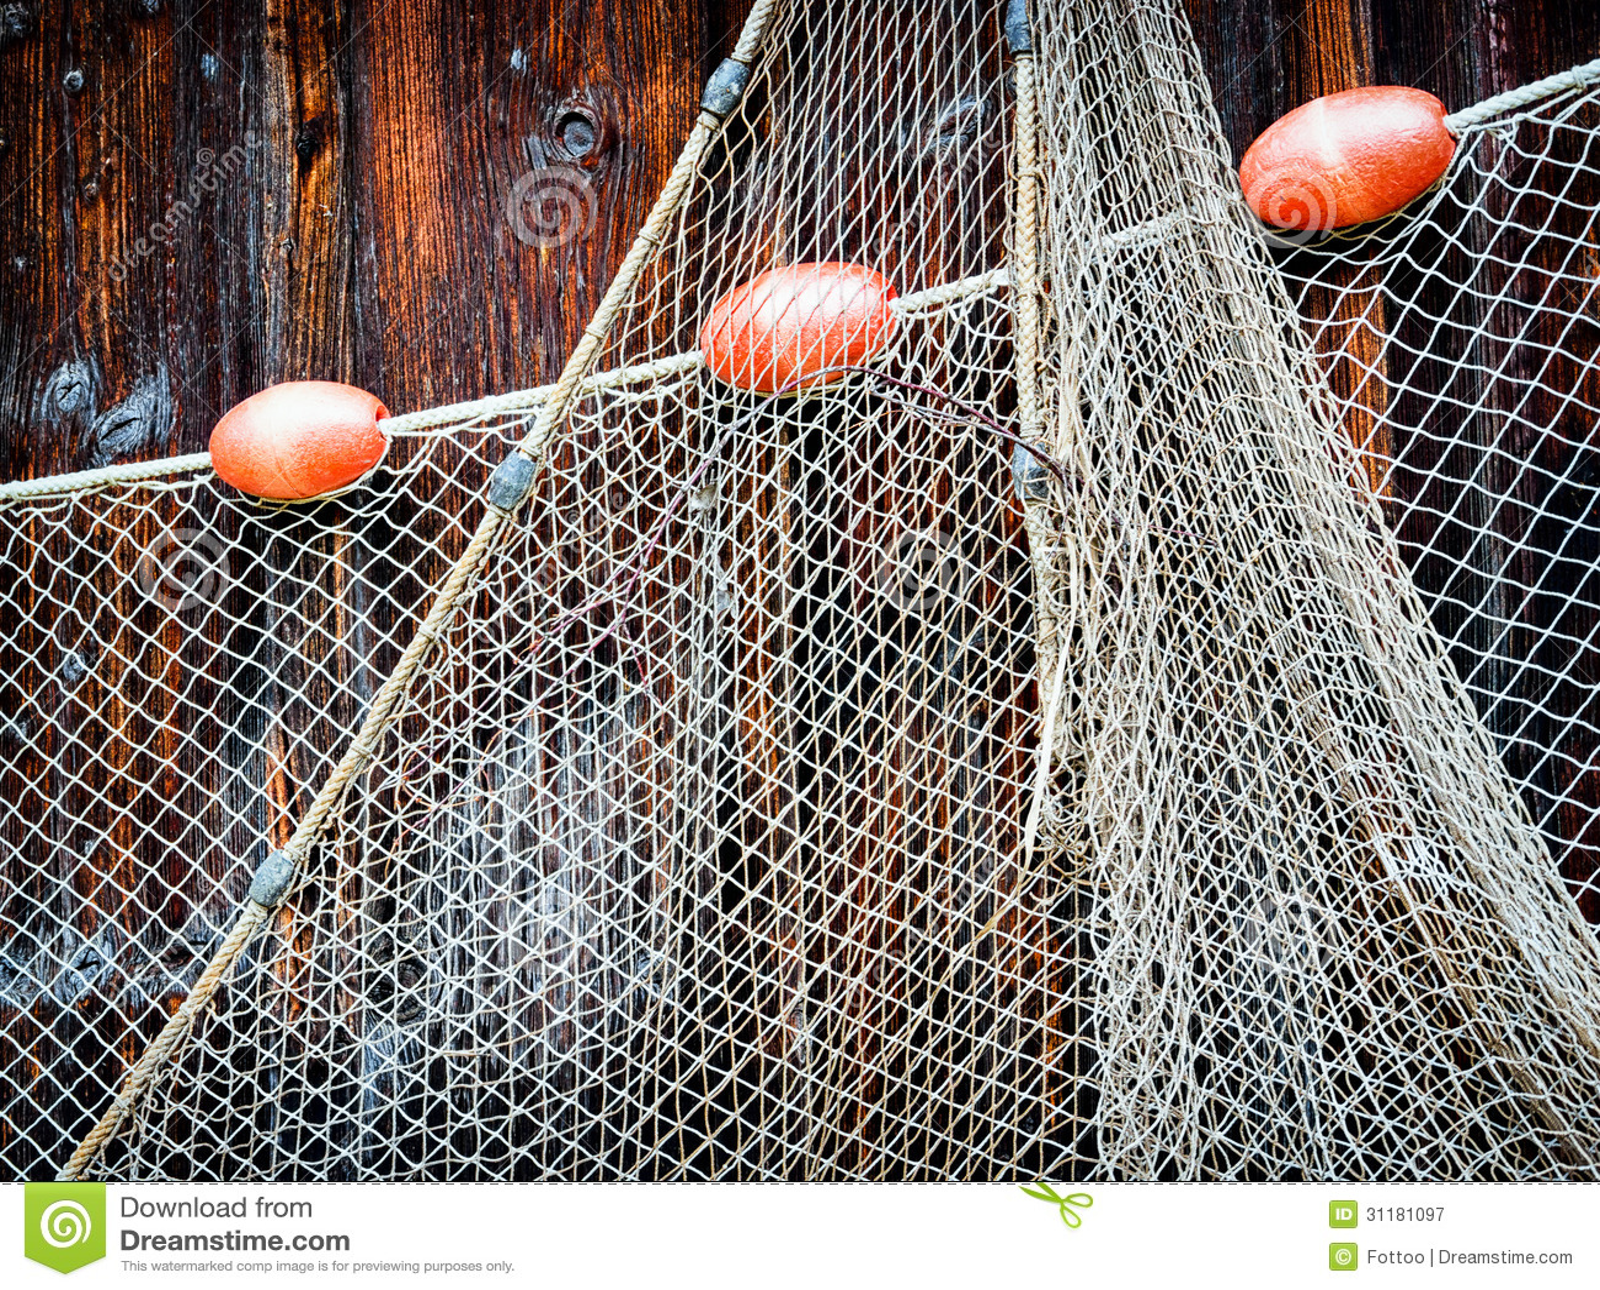 сетка для рыбалки с берега